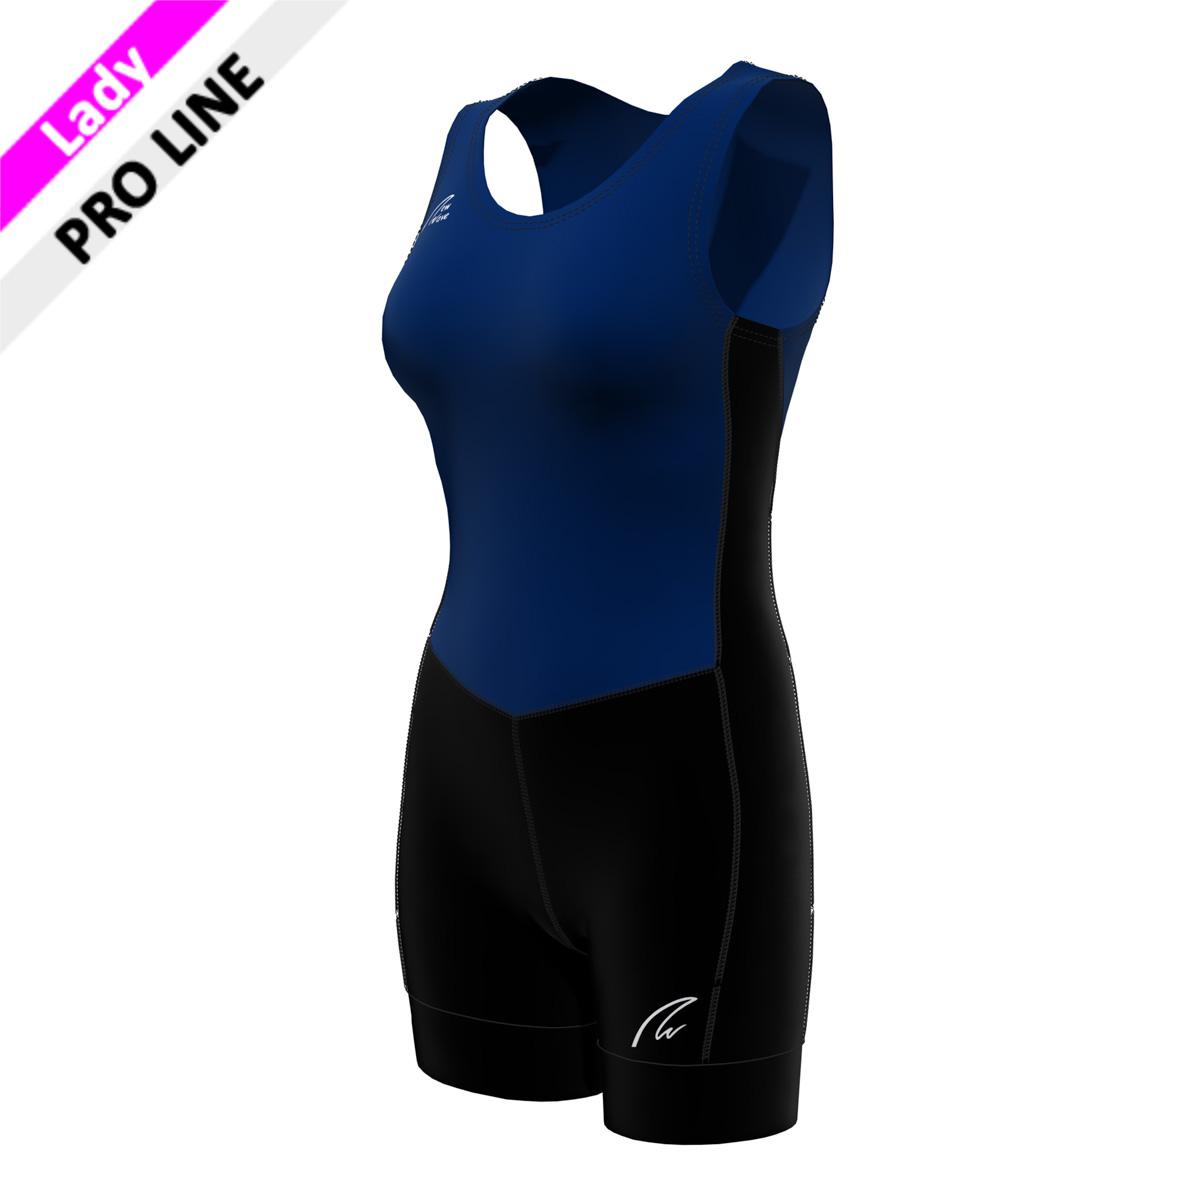 Pro Suit Lady - schwarz / marine  (Hose, Nierenstück, Seitenstreifen - schwarz; Body vorn und hinten - marine)